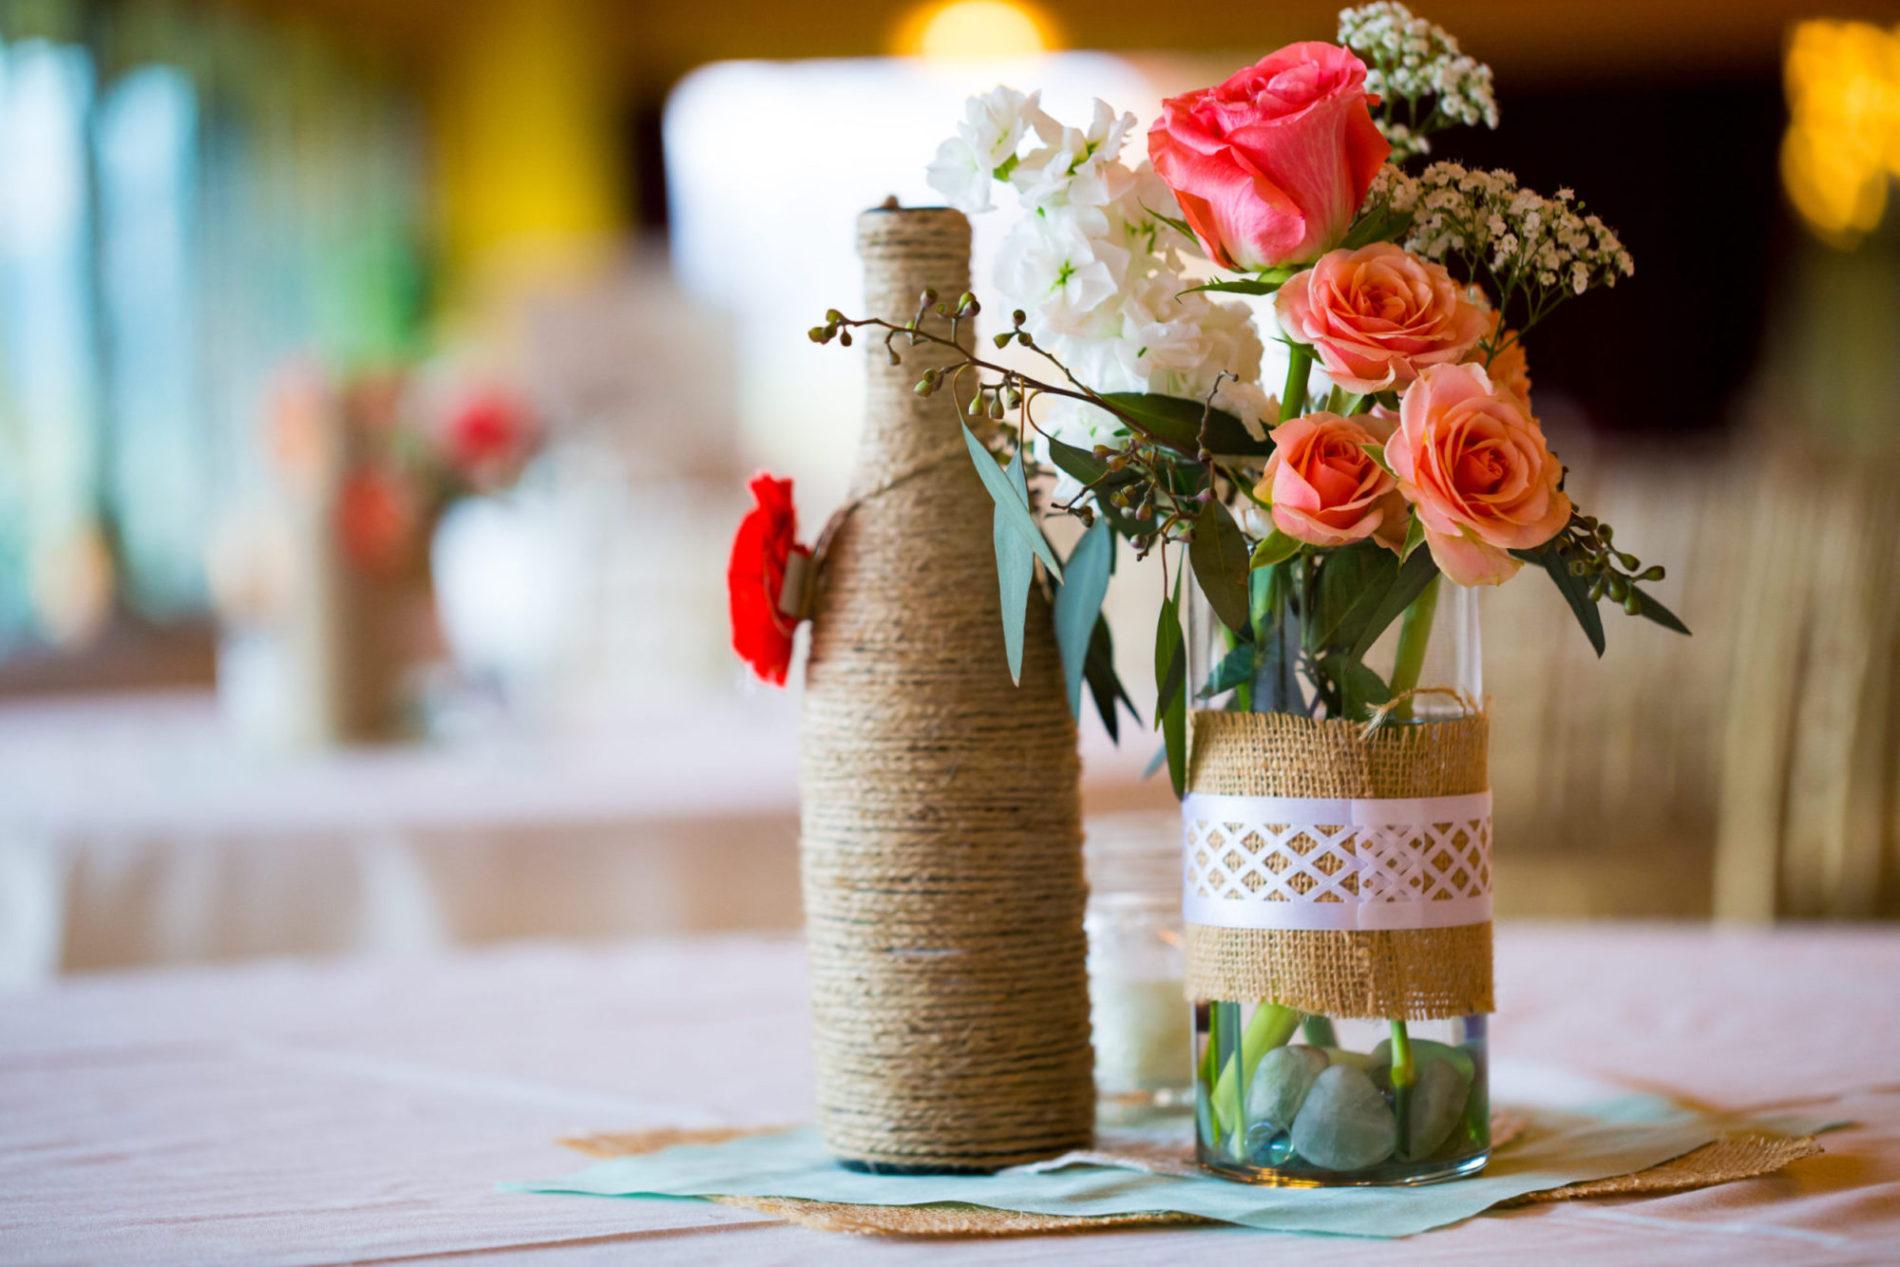 Květinová dekorace v ozdobené váze